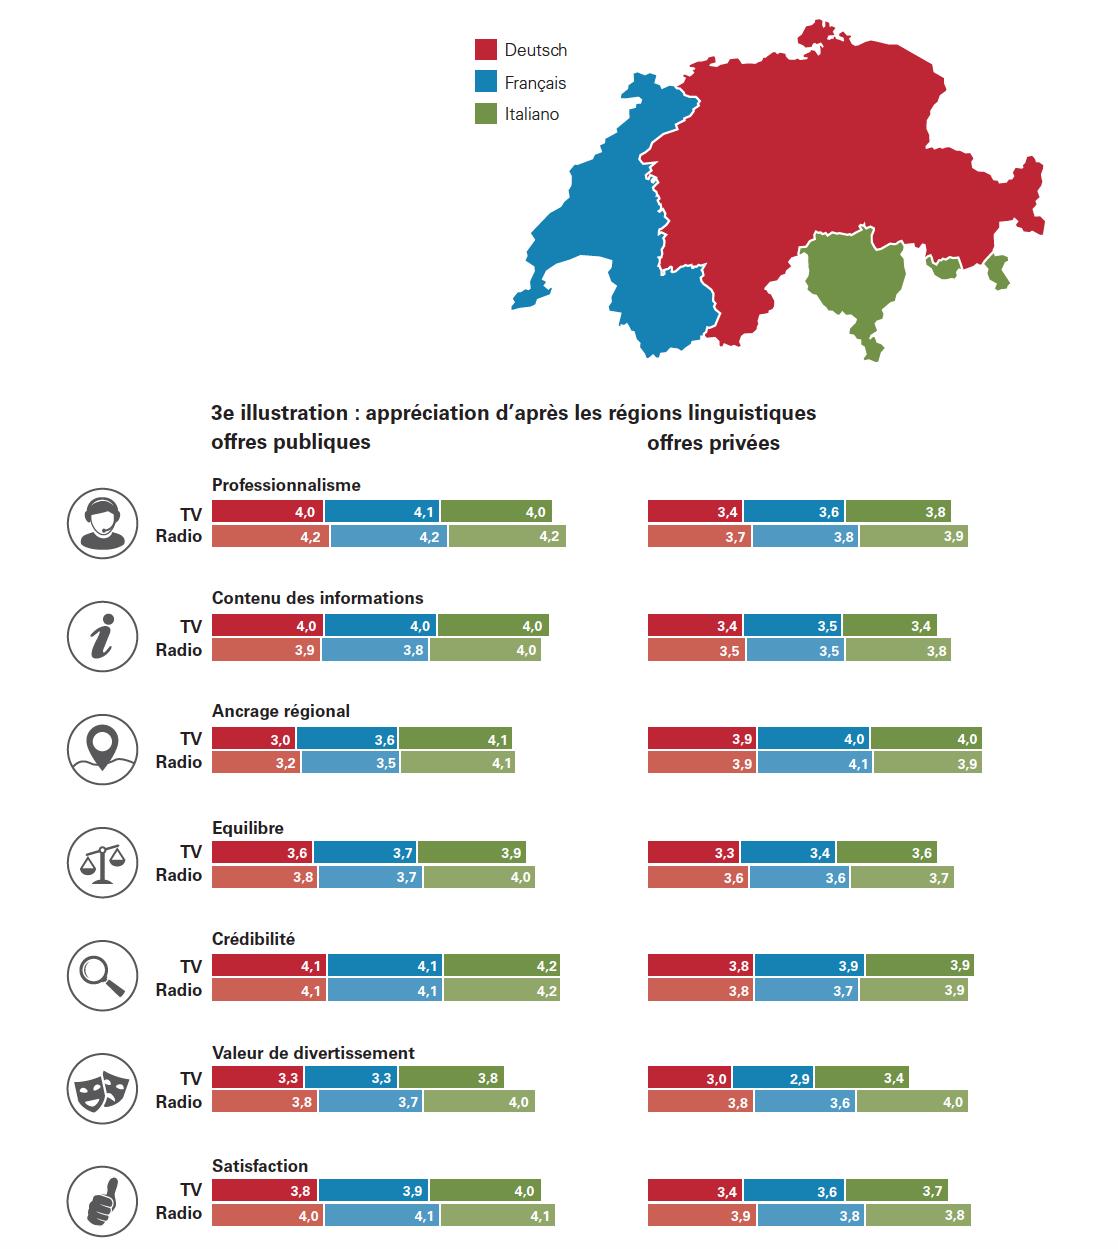 L'appréciation d'après les régions linguistiques entre les offres publiques (à gauche) et les offres privées (à droite)